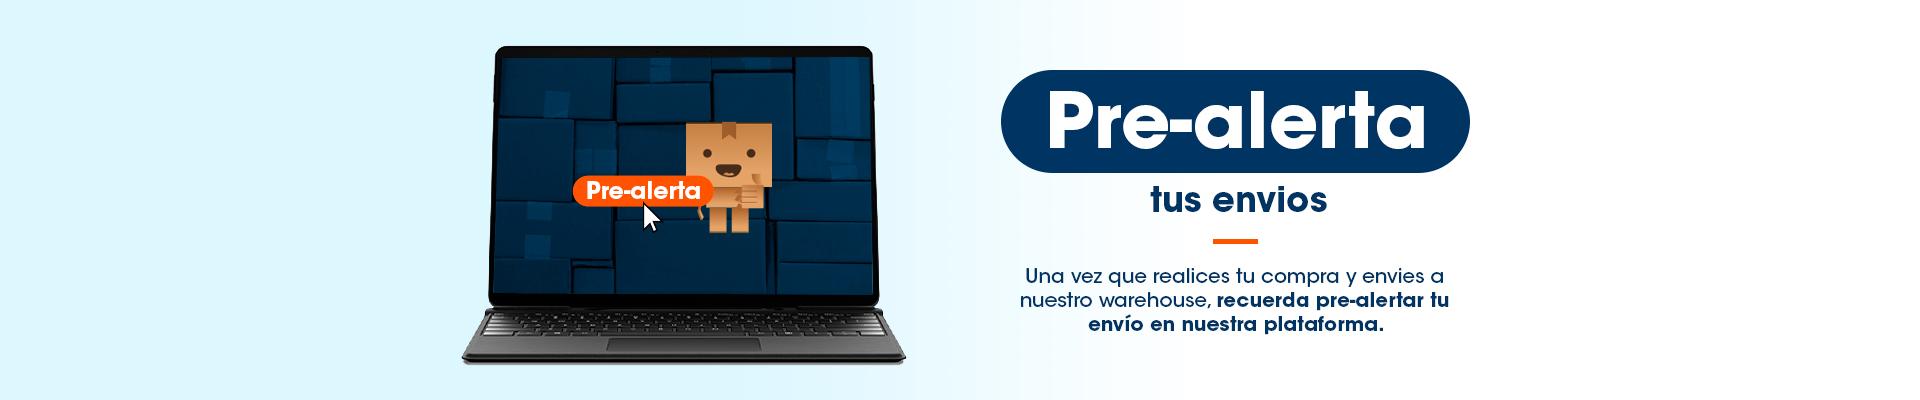 Prealerta-web-1